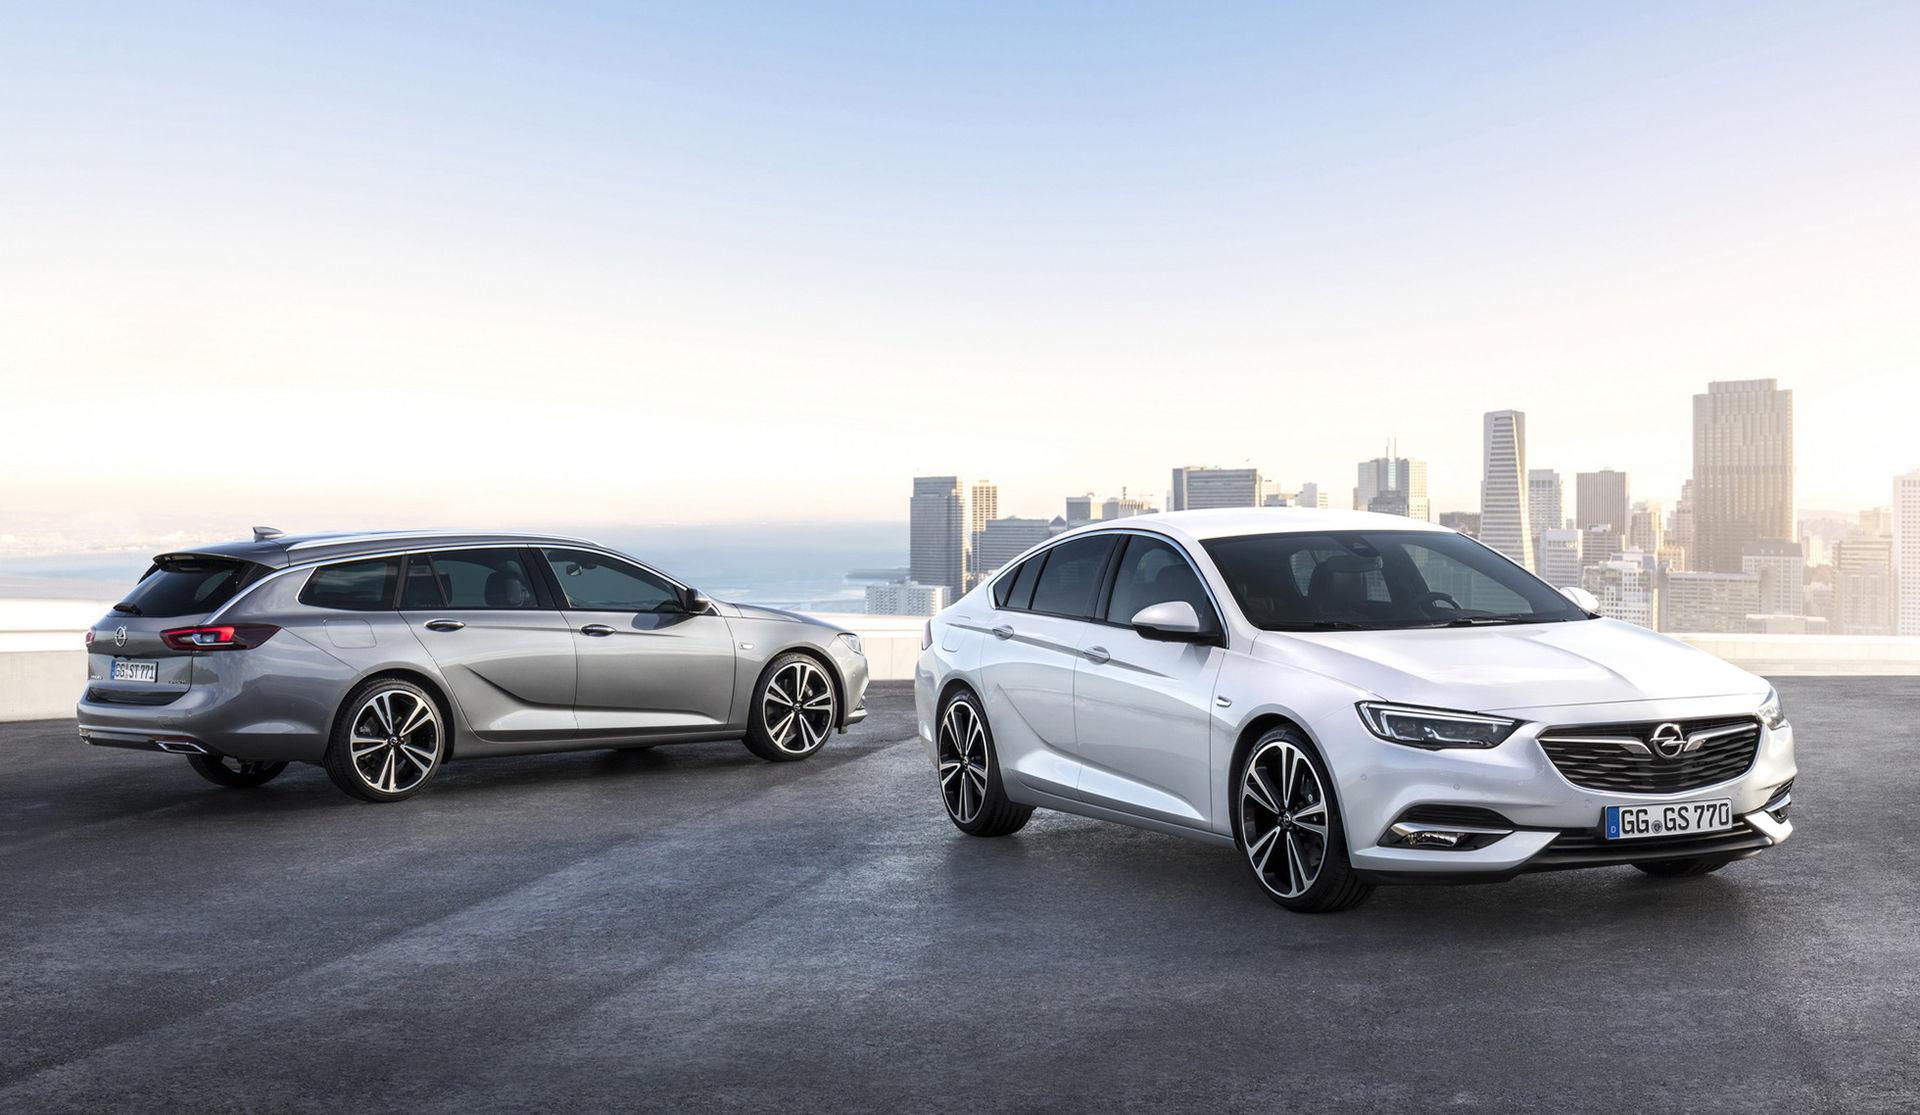 Nya Opel Insignia blir din för 229 900 kronor